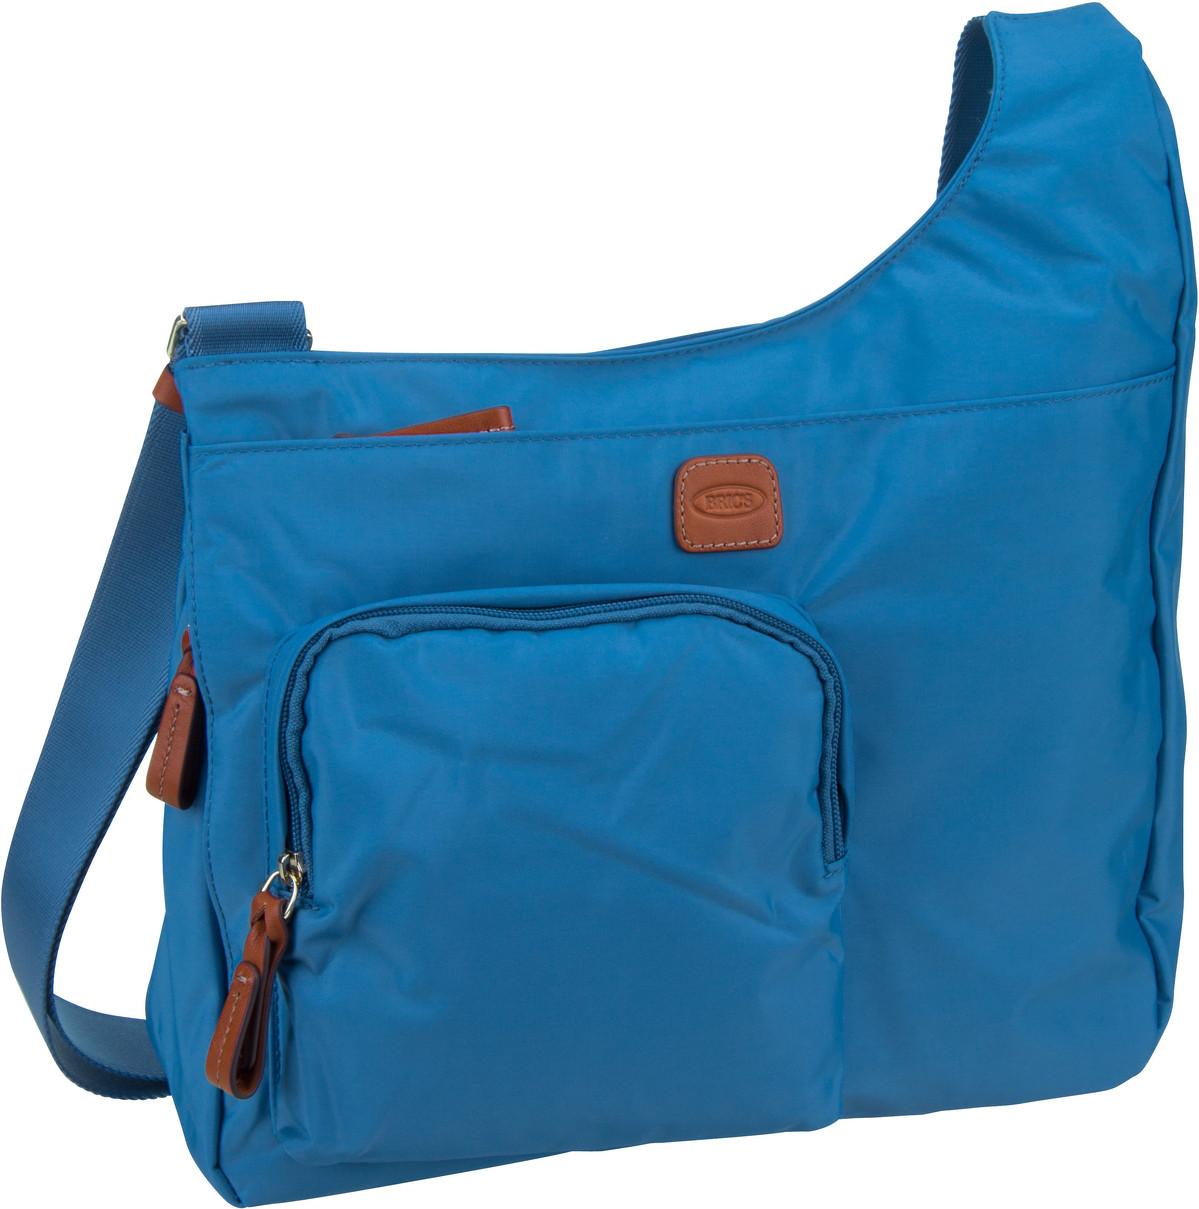 's Umhängetasche X-Bag Damentasche 42732 Kobalt